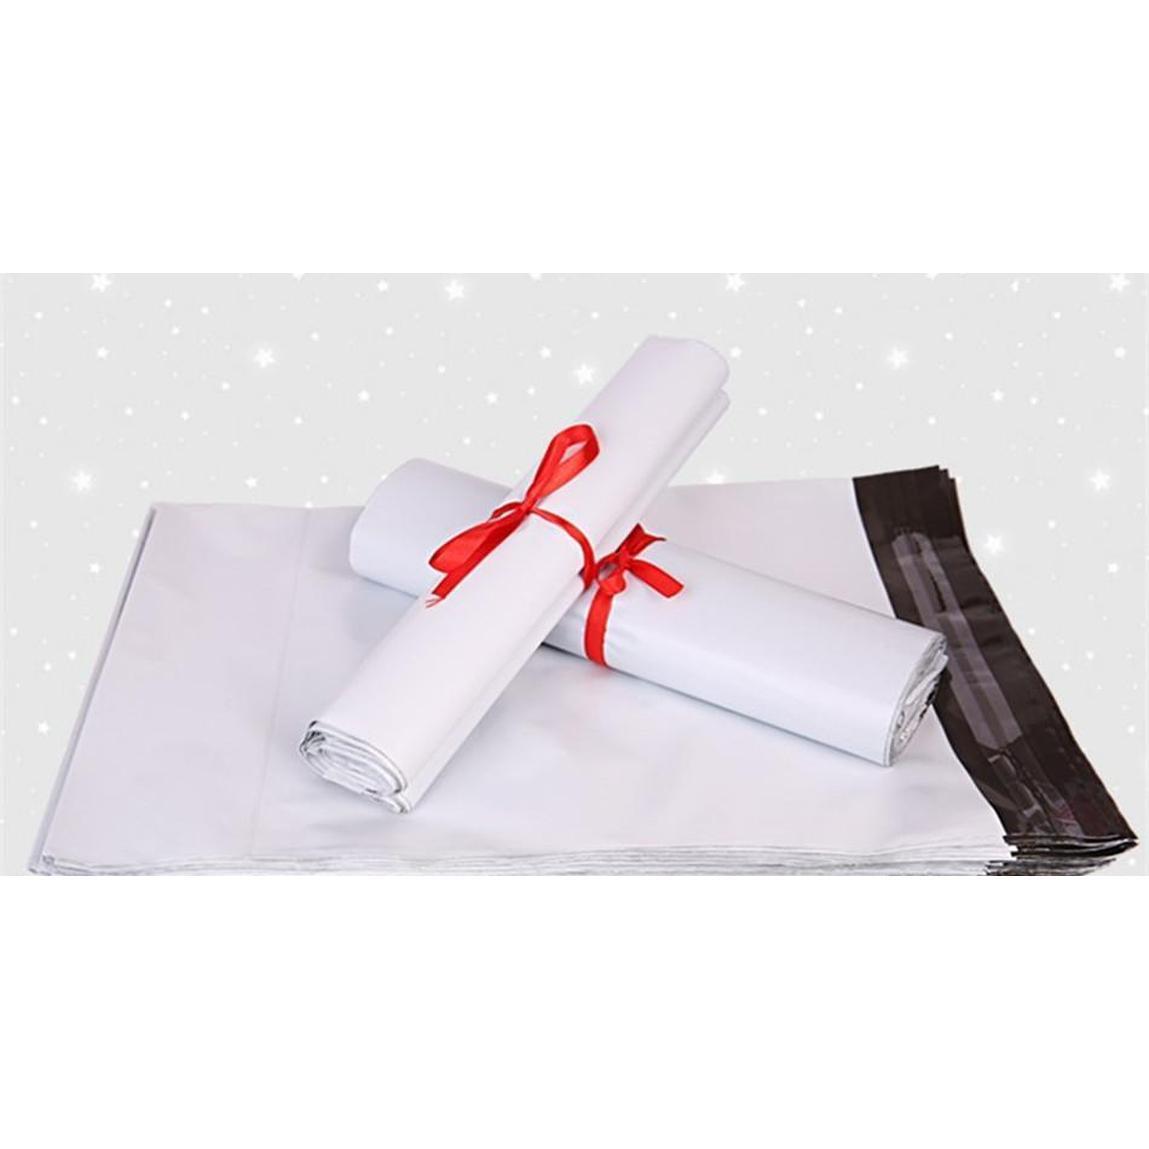 45 * 55 cm Beyaz Kendi Kendini Mühür Posta Çantası Plastik Zarf Kurye Posta SQCXNT HOMES2007